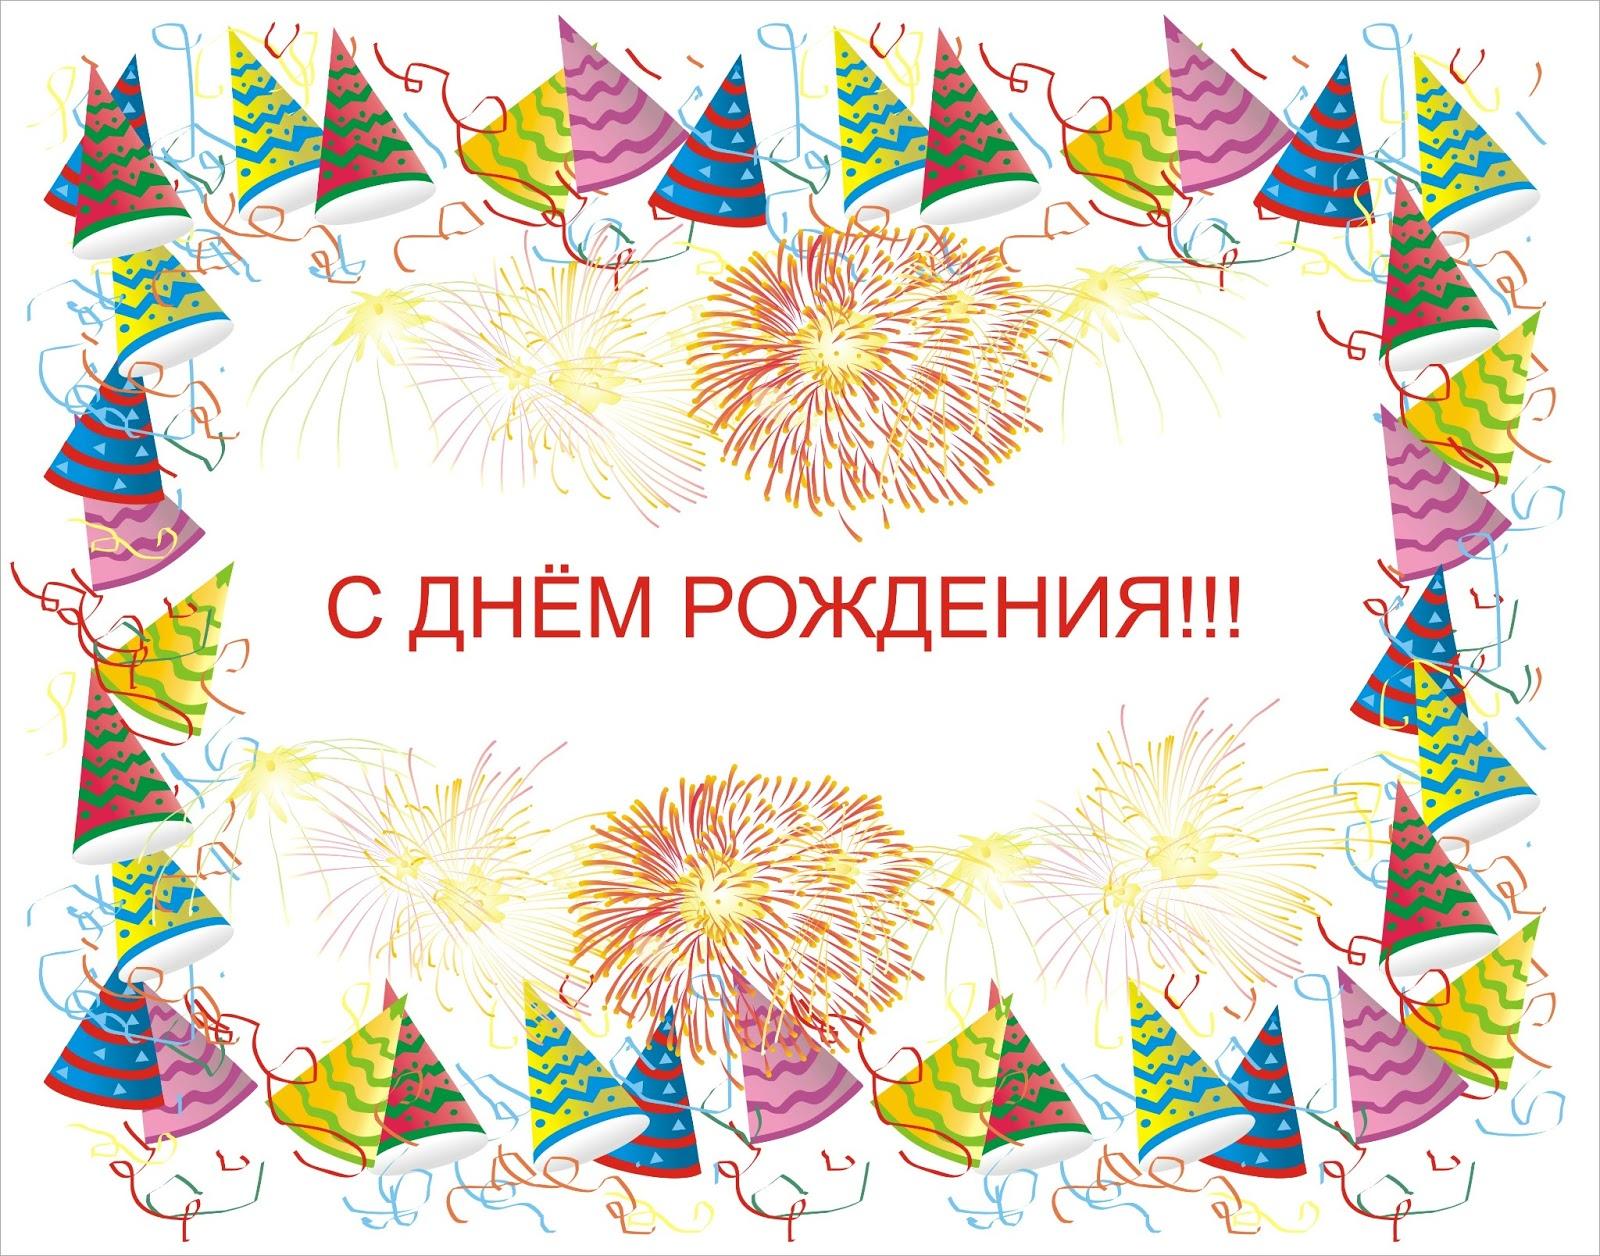 Марта, открытка на день рождения строгая